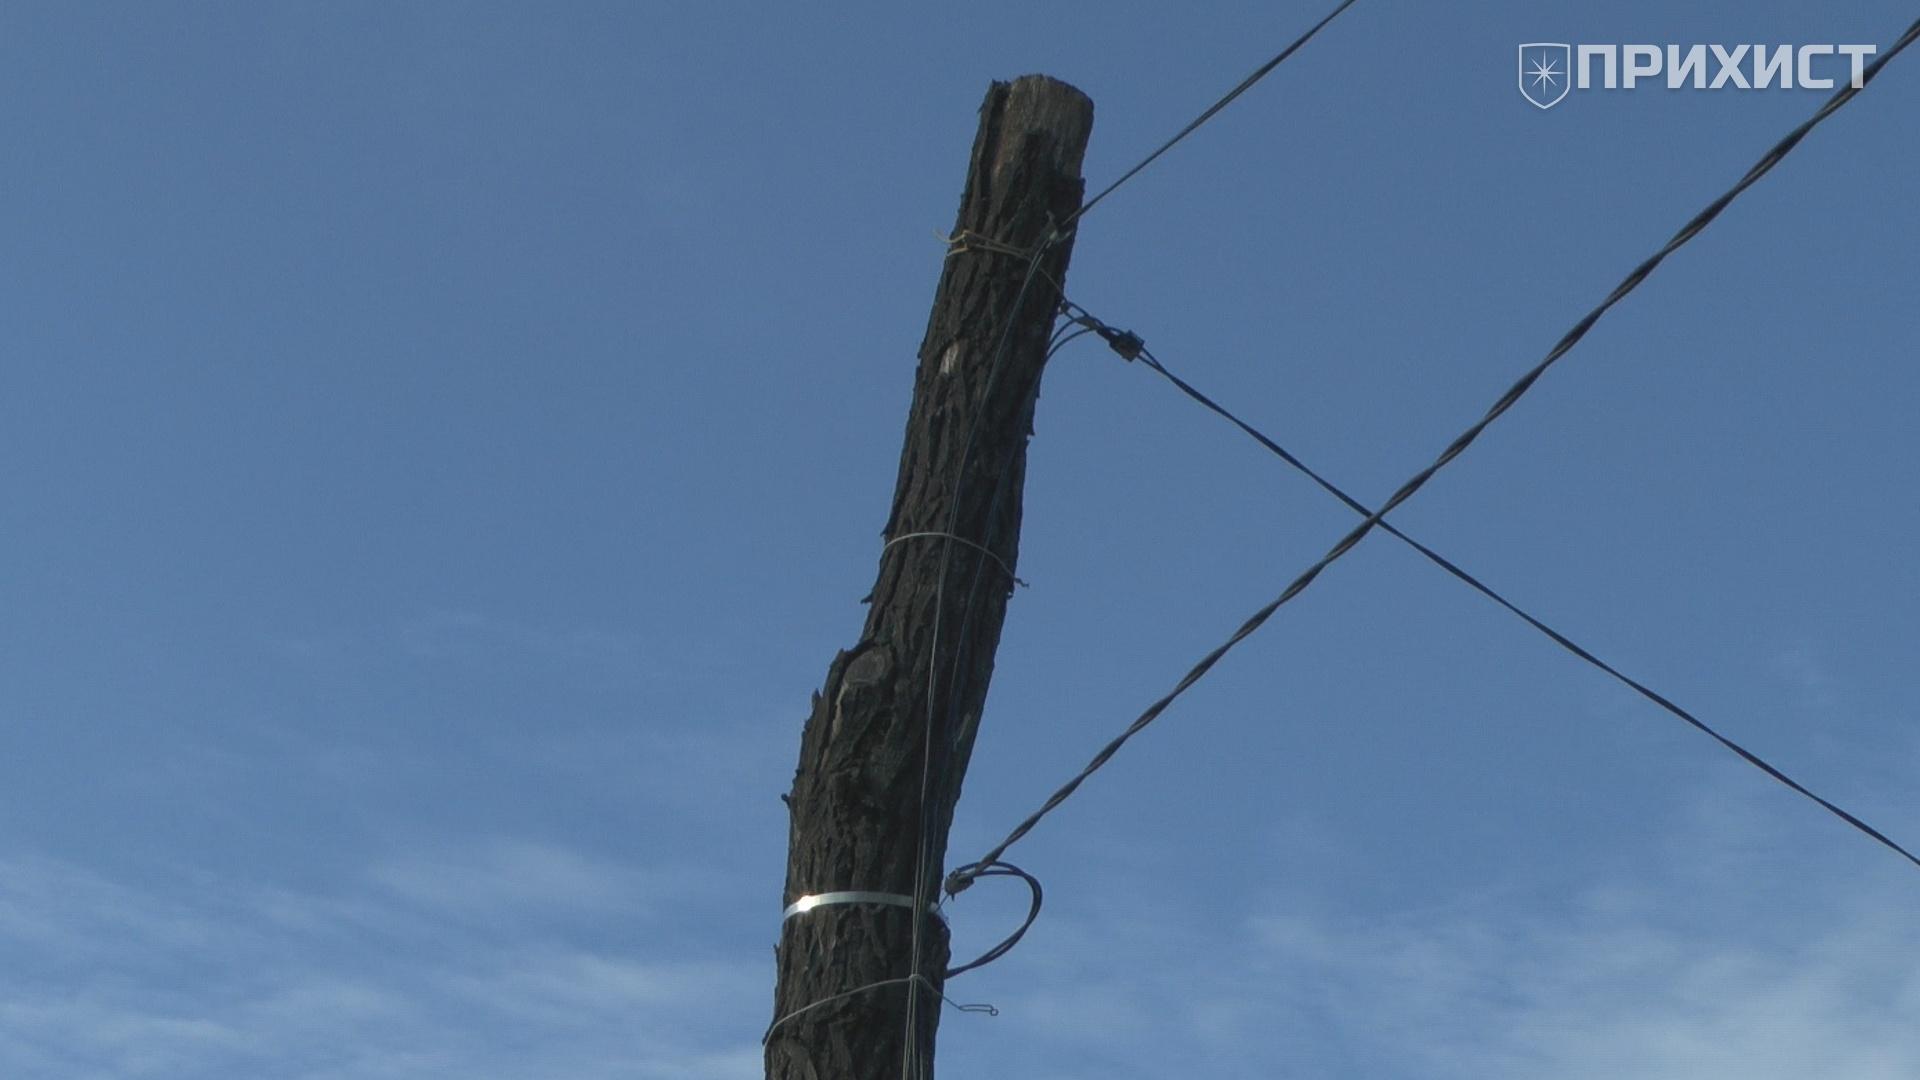 В Никополе используют деревья в качестве электроопор | Прихист